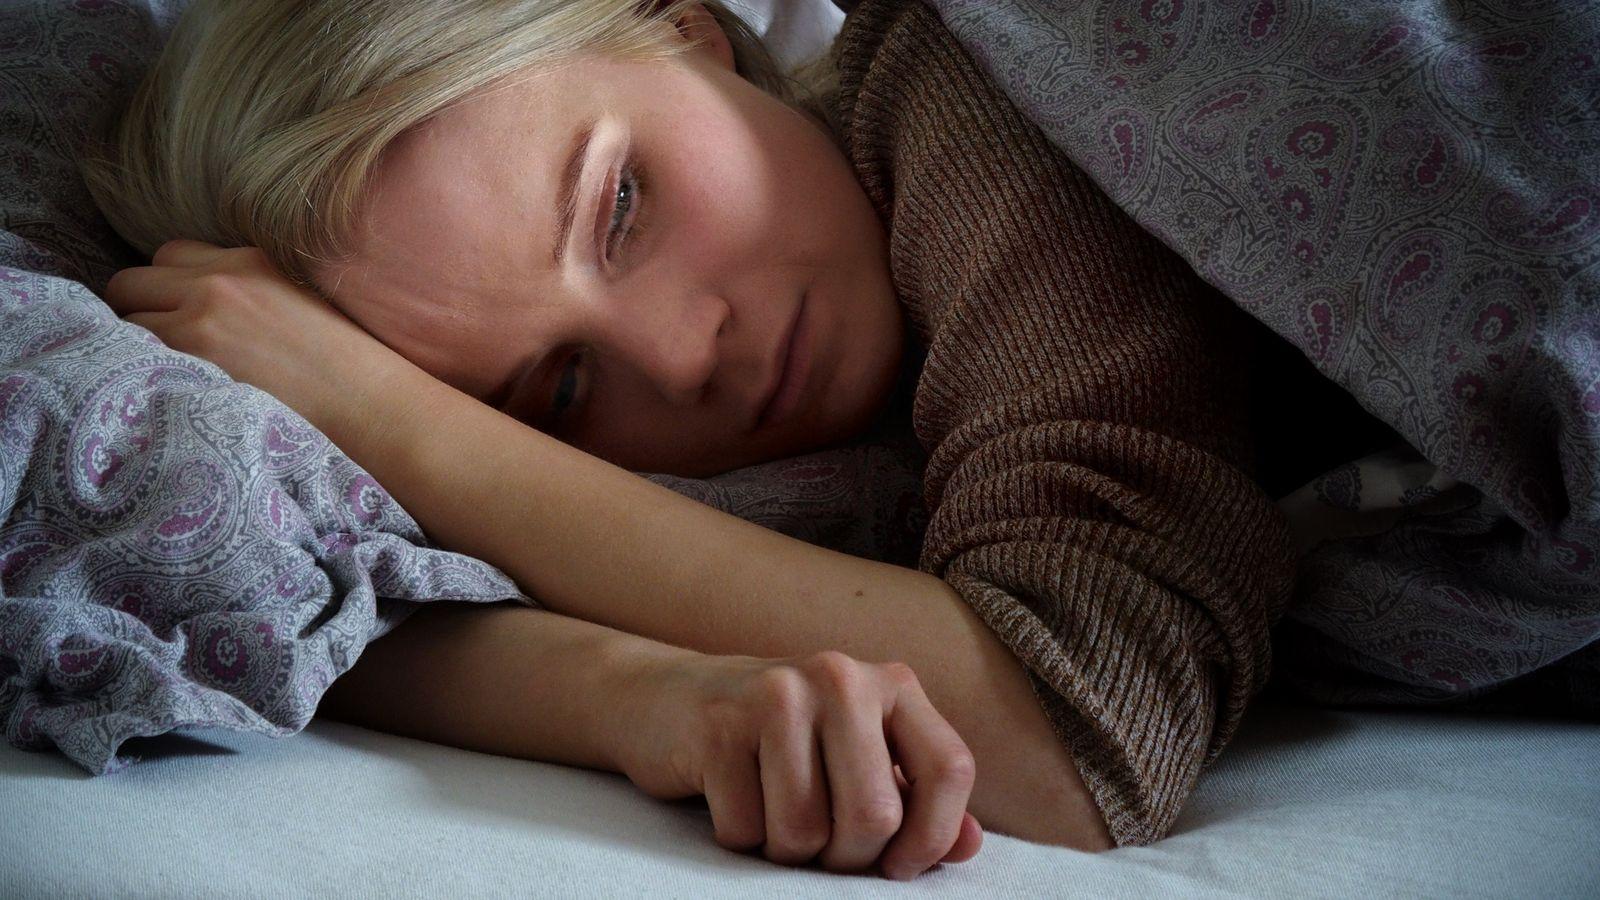 Sara ligger på siden i senga. Dyna er trukket nesten opp til ansiktet. Armene ligger som beskyttelse foran ansiktet. Hun ser ned.